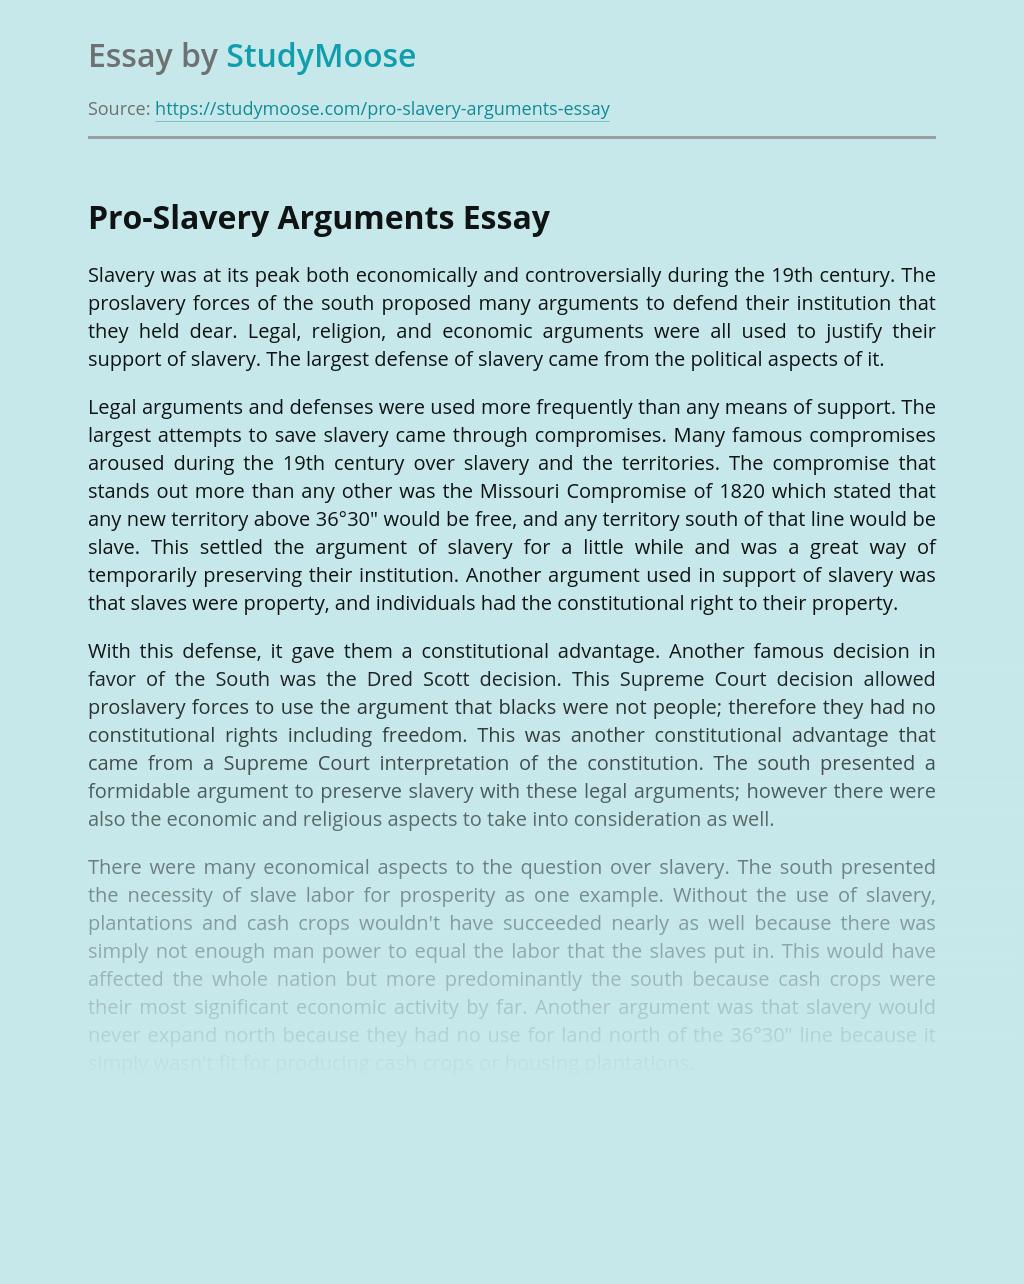 Pro-Slavery Arguments